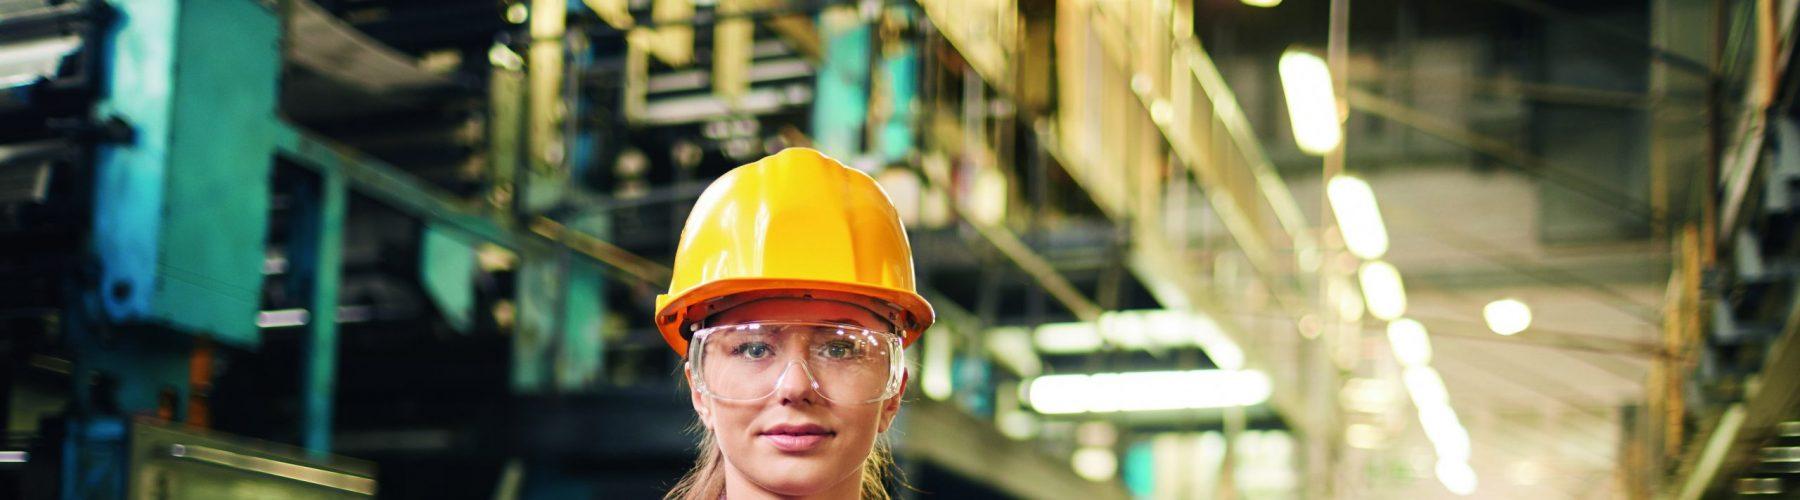 energiemanagement-in-industrie-gewerbe